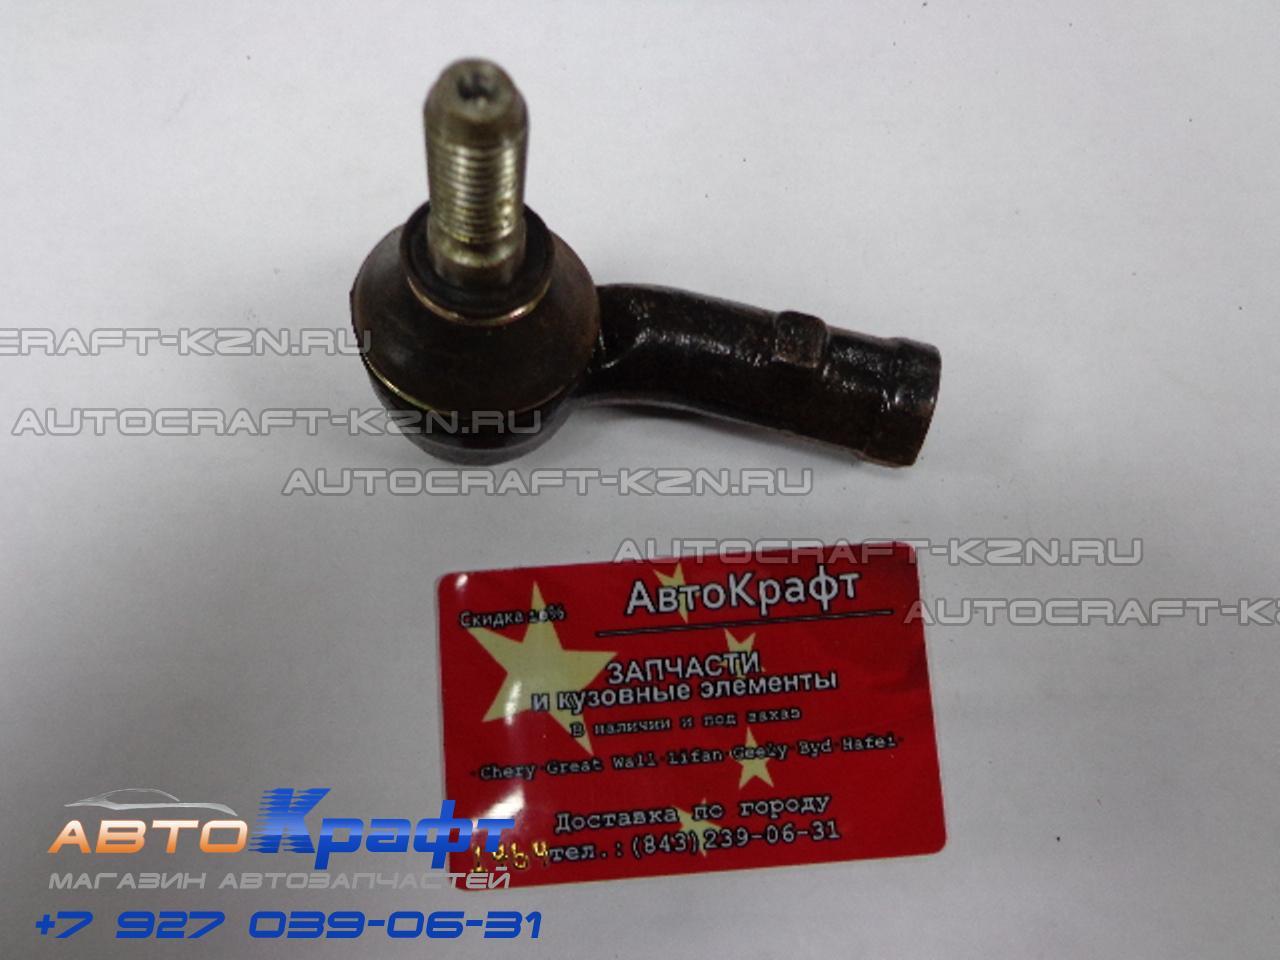 ВАЗ ВАЗ-2111 запасные части и детали цена, купить